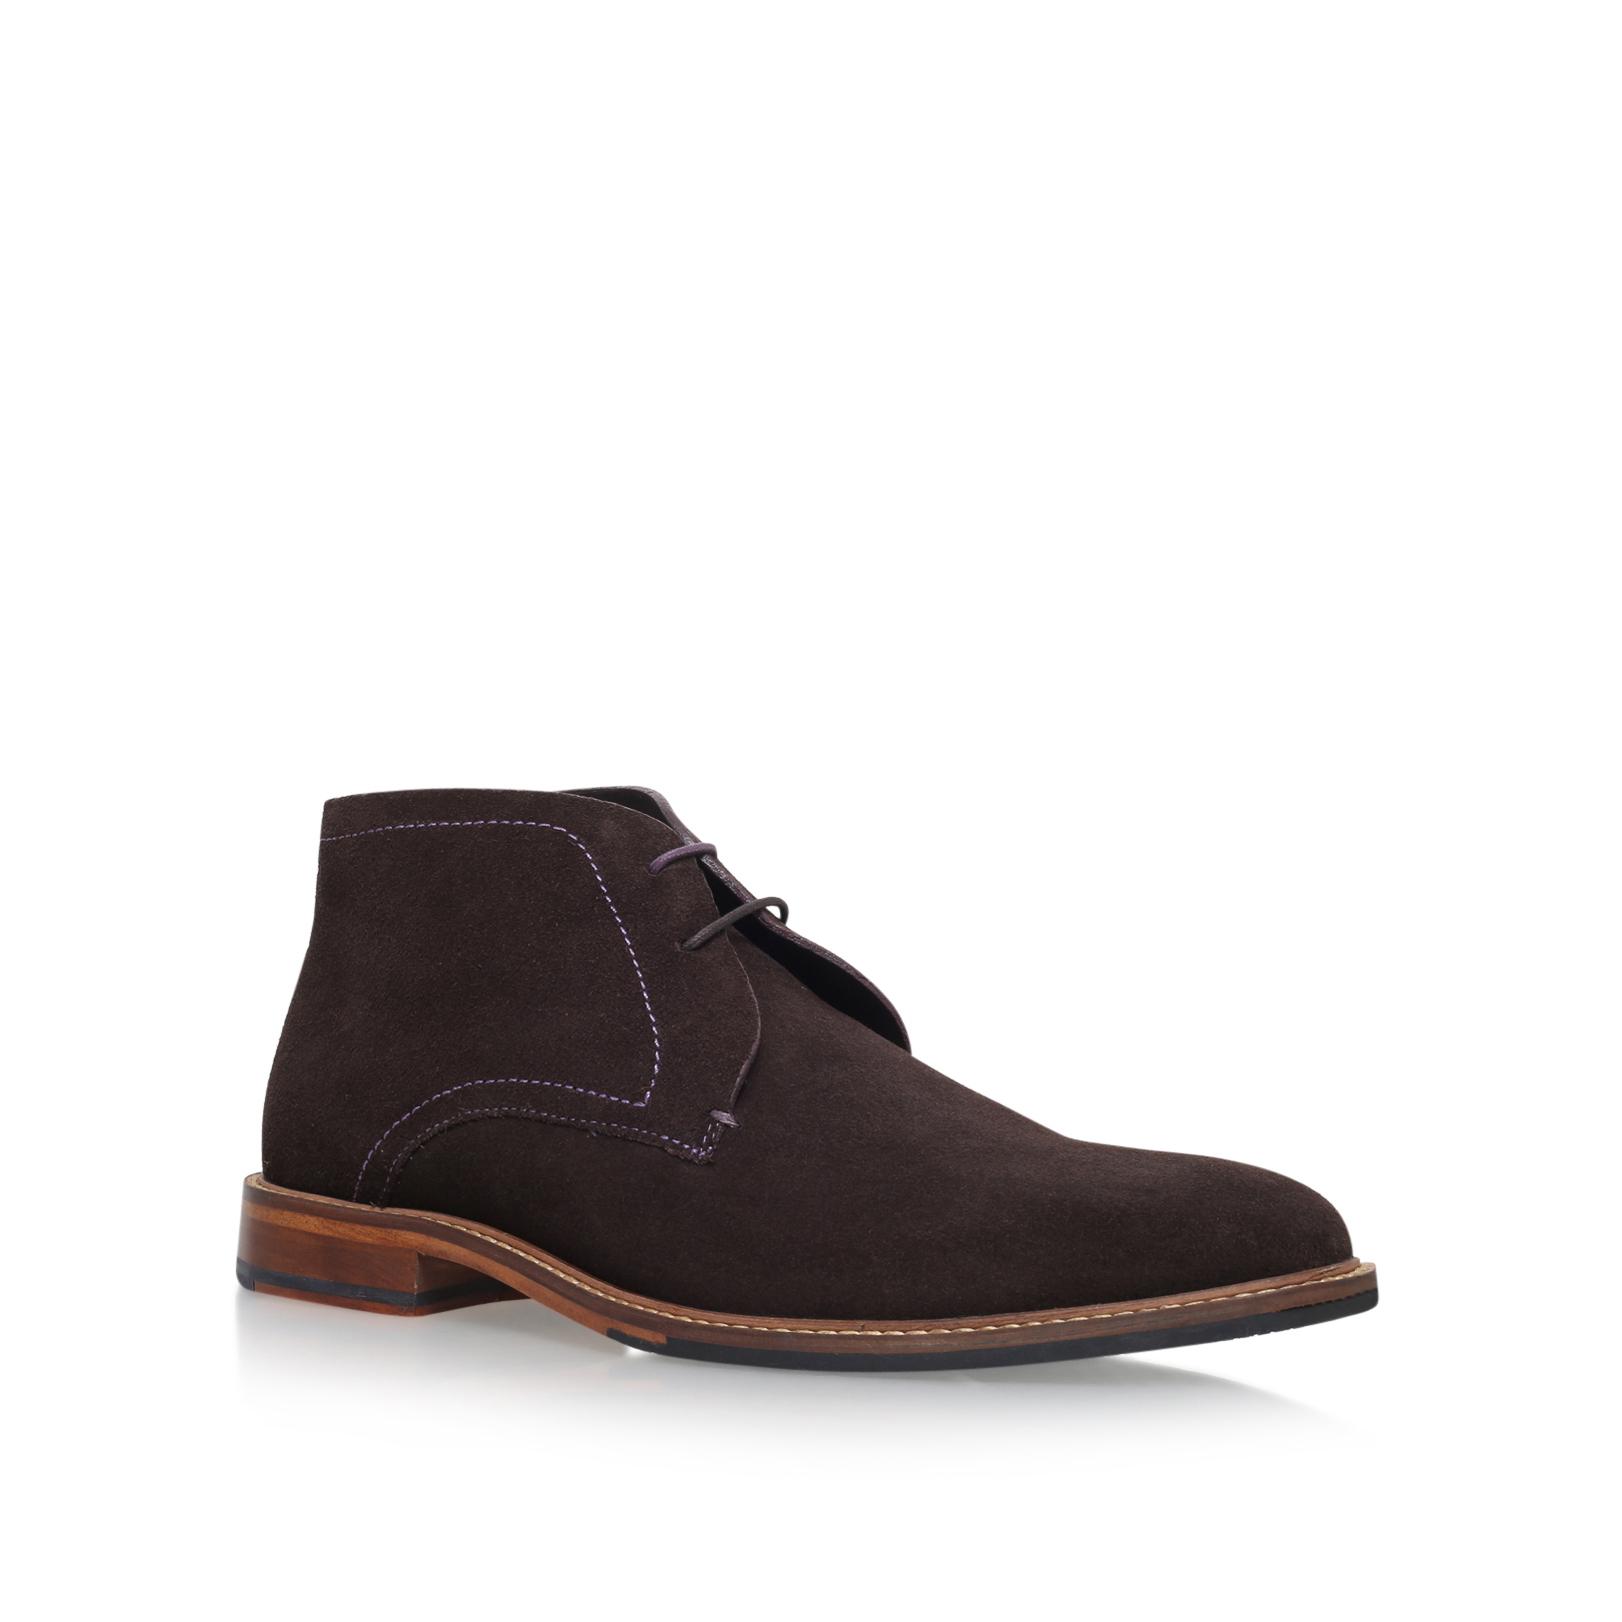 For Mens Ted Baker Mens Torsdi 3 Boots Dark Brown Shoes Dark Brown